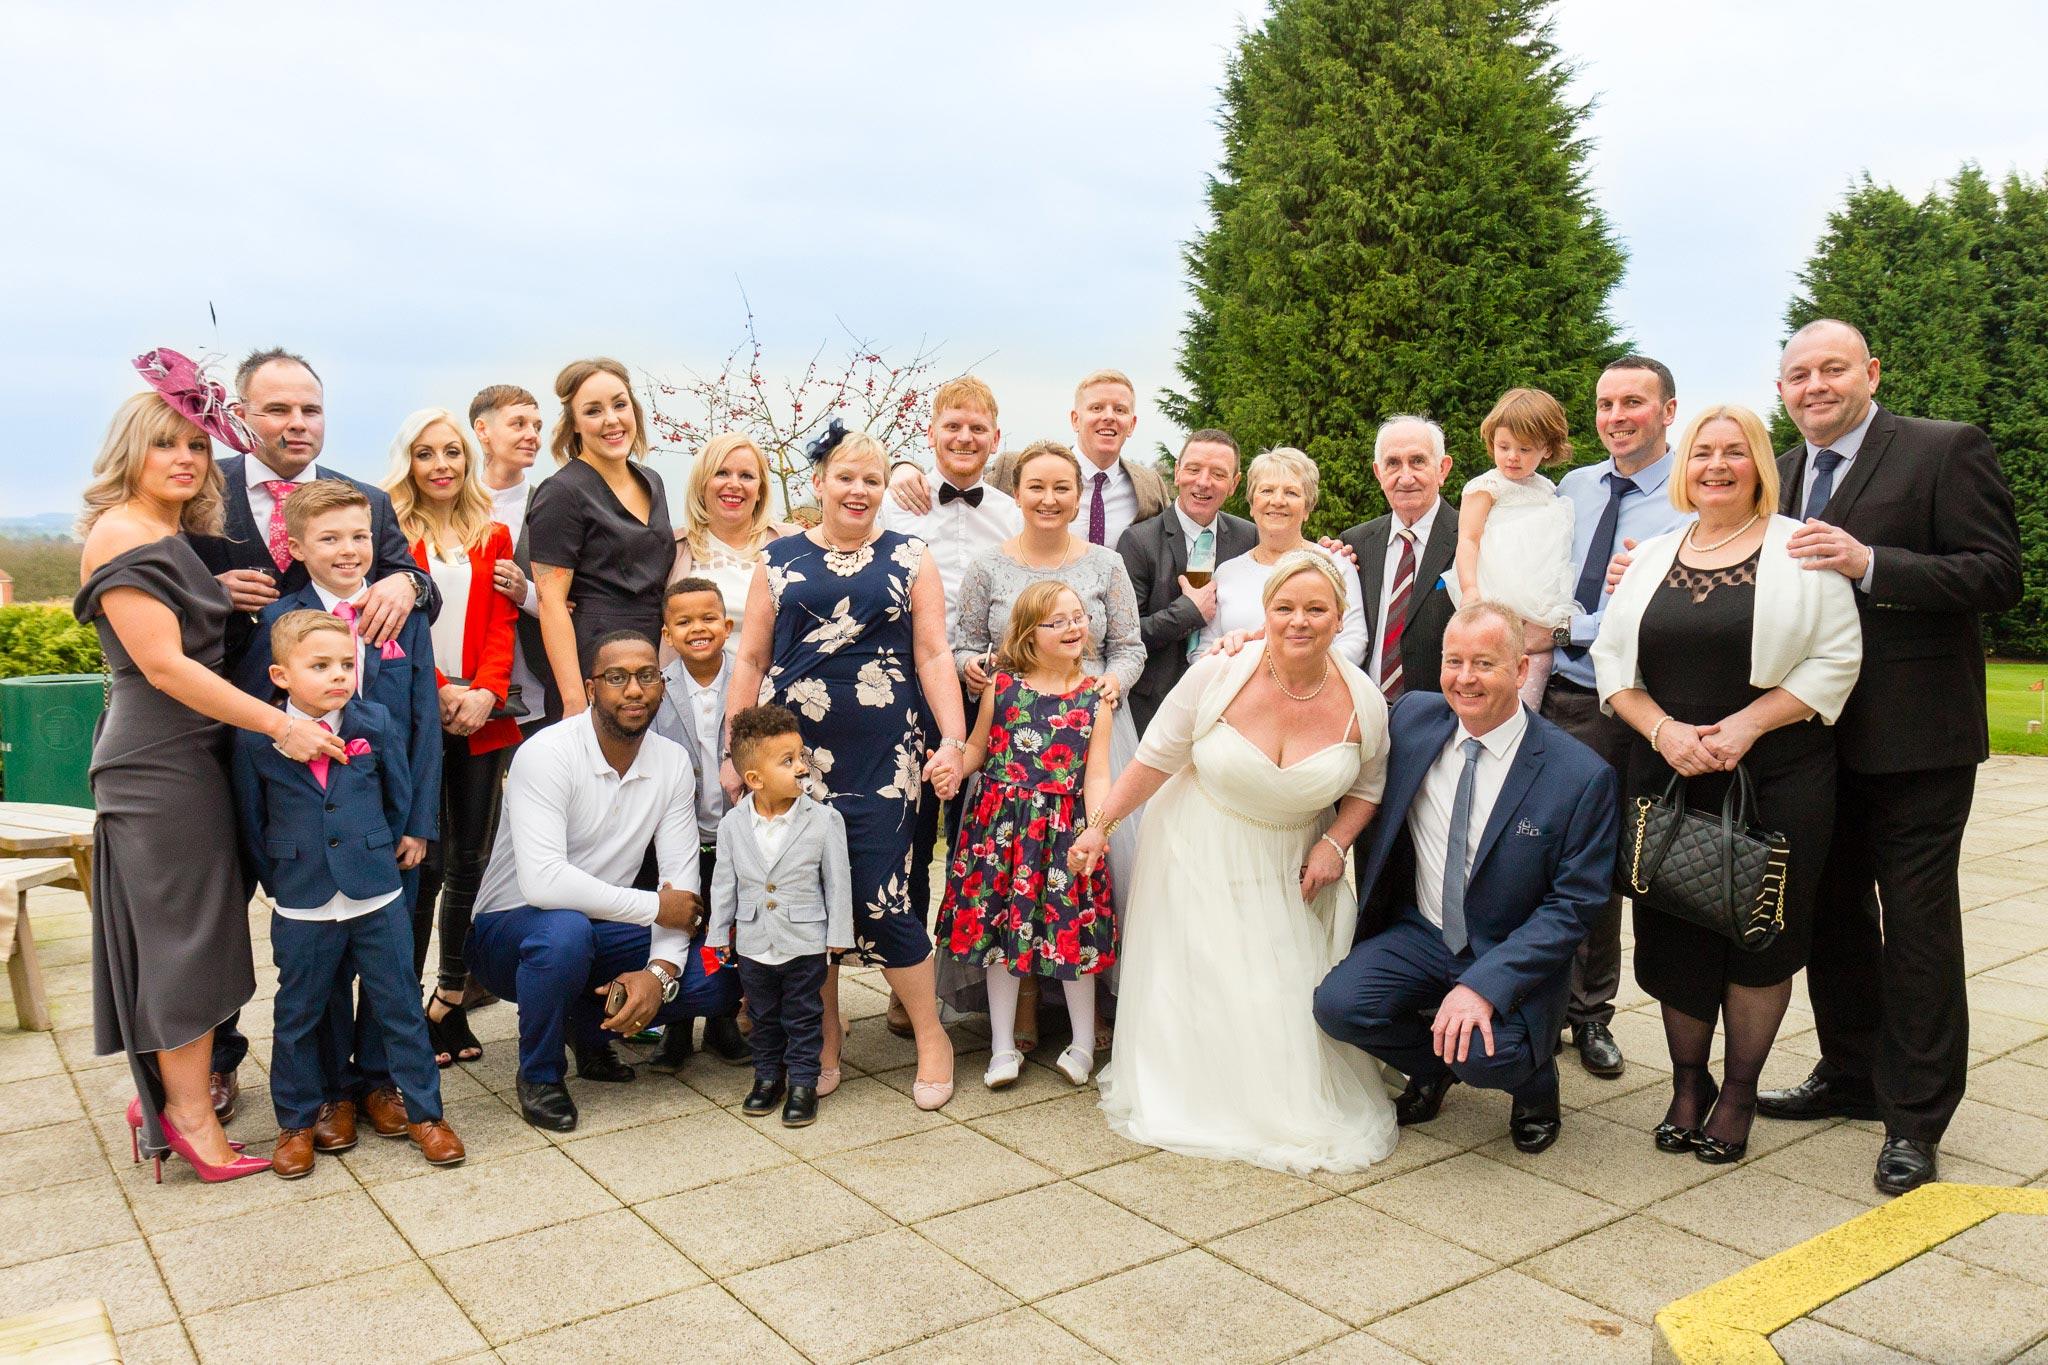 Wedding Group Photos - Woodham Golf Club